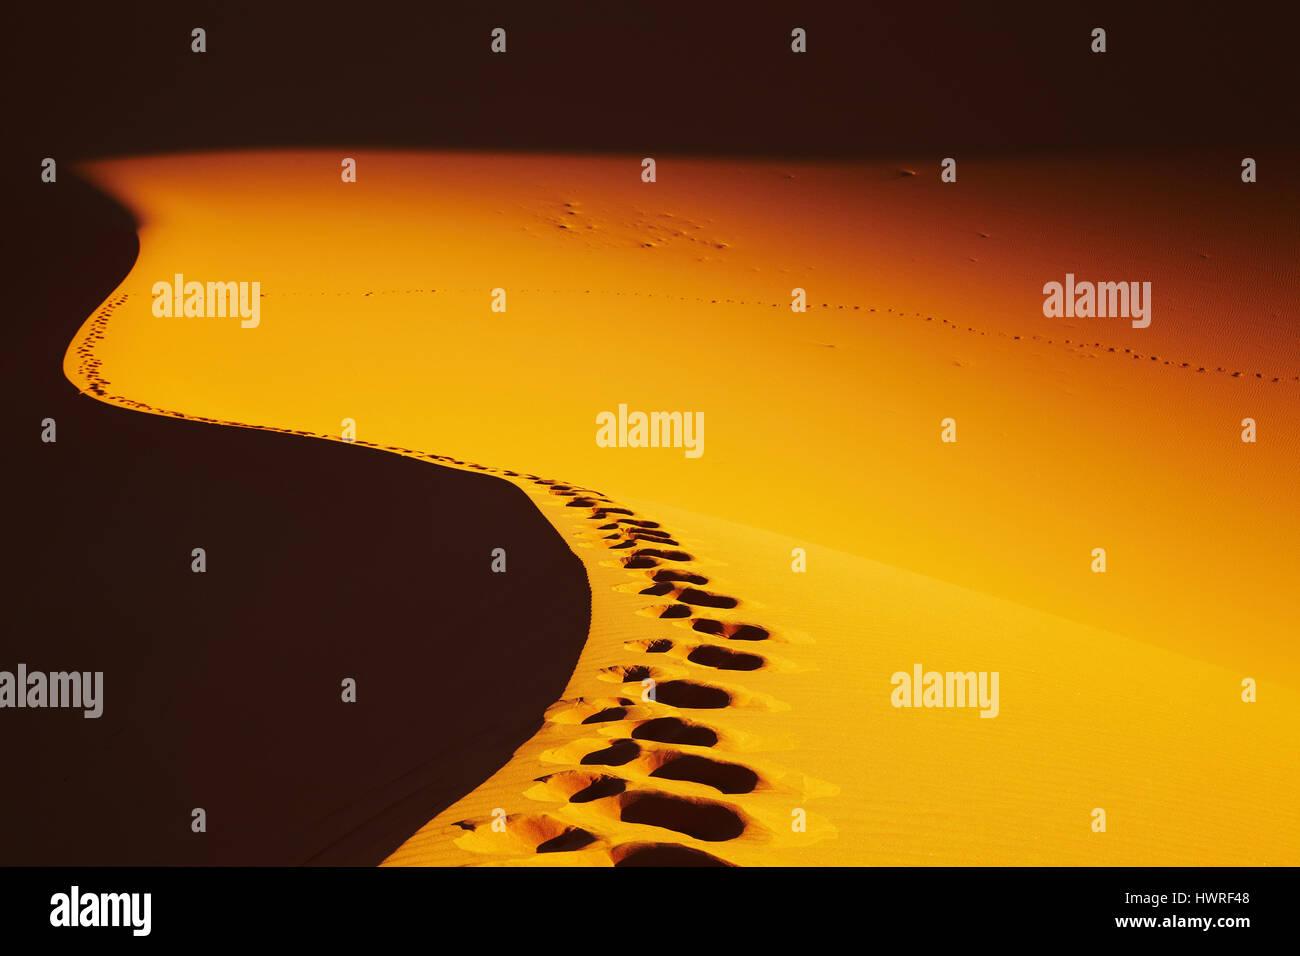 Huellas en una duna de arena, el desierto del Sahara, Argelia Imagen De Stock